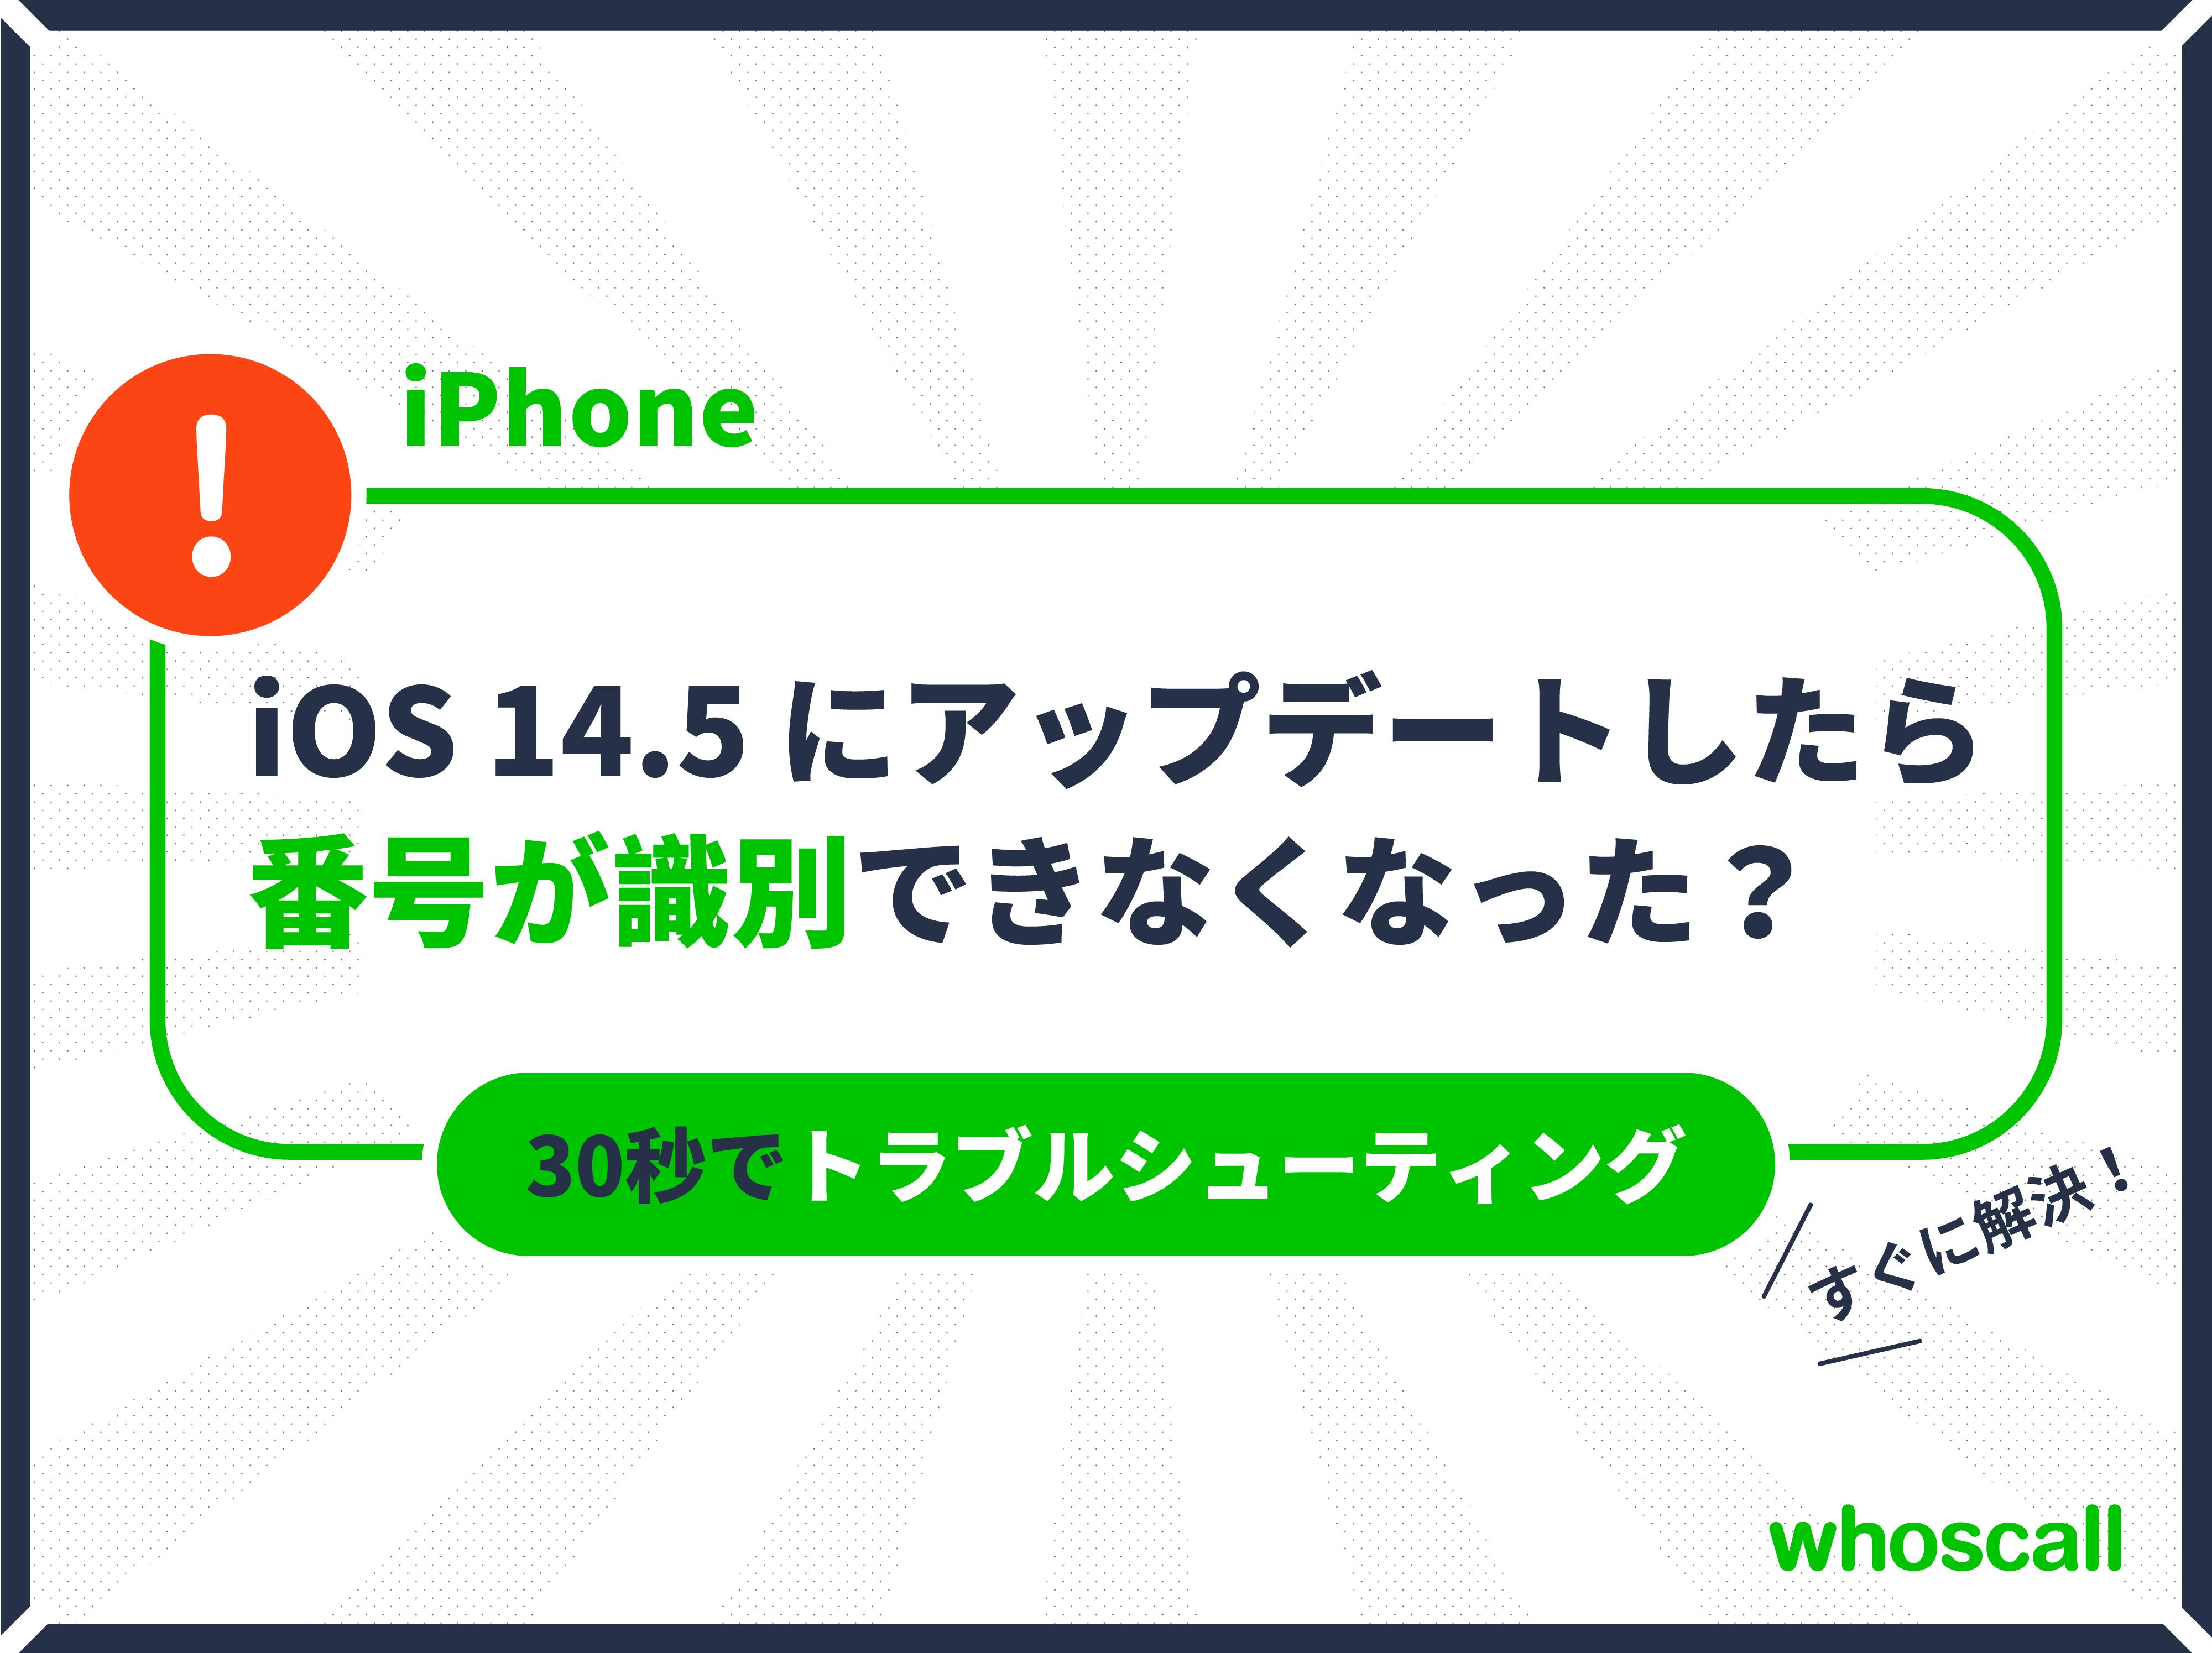 iOS 14.5にアップデートしてからwhoscallが使えなくなった?